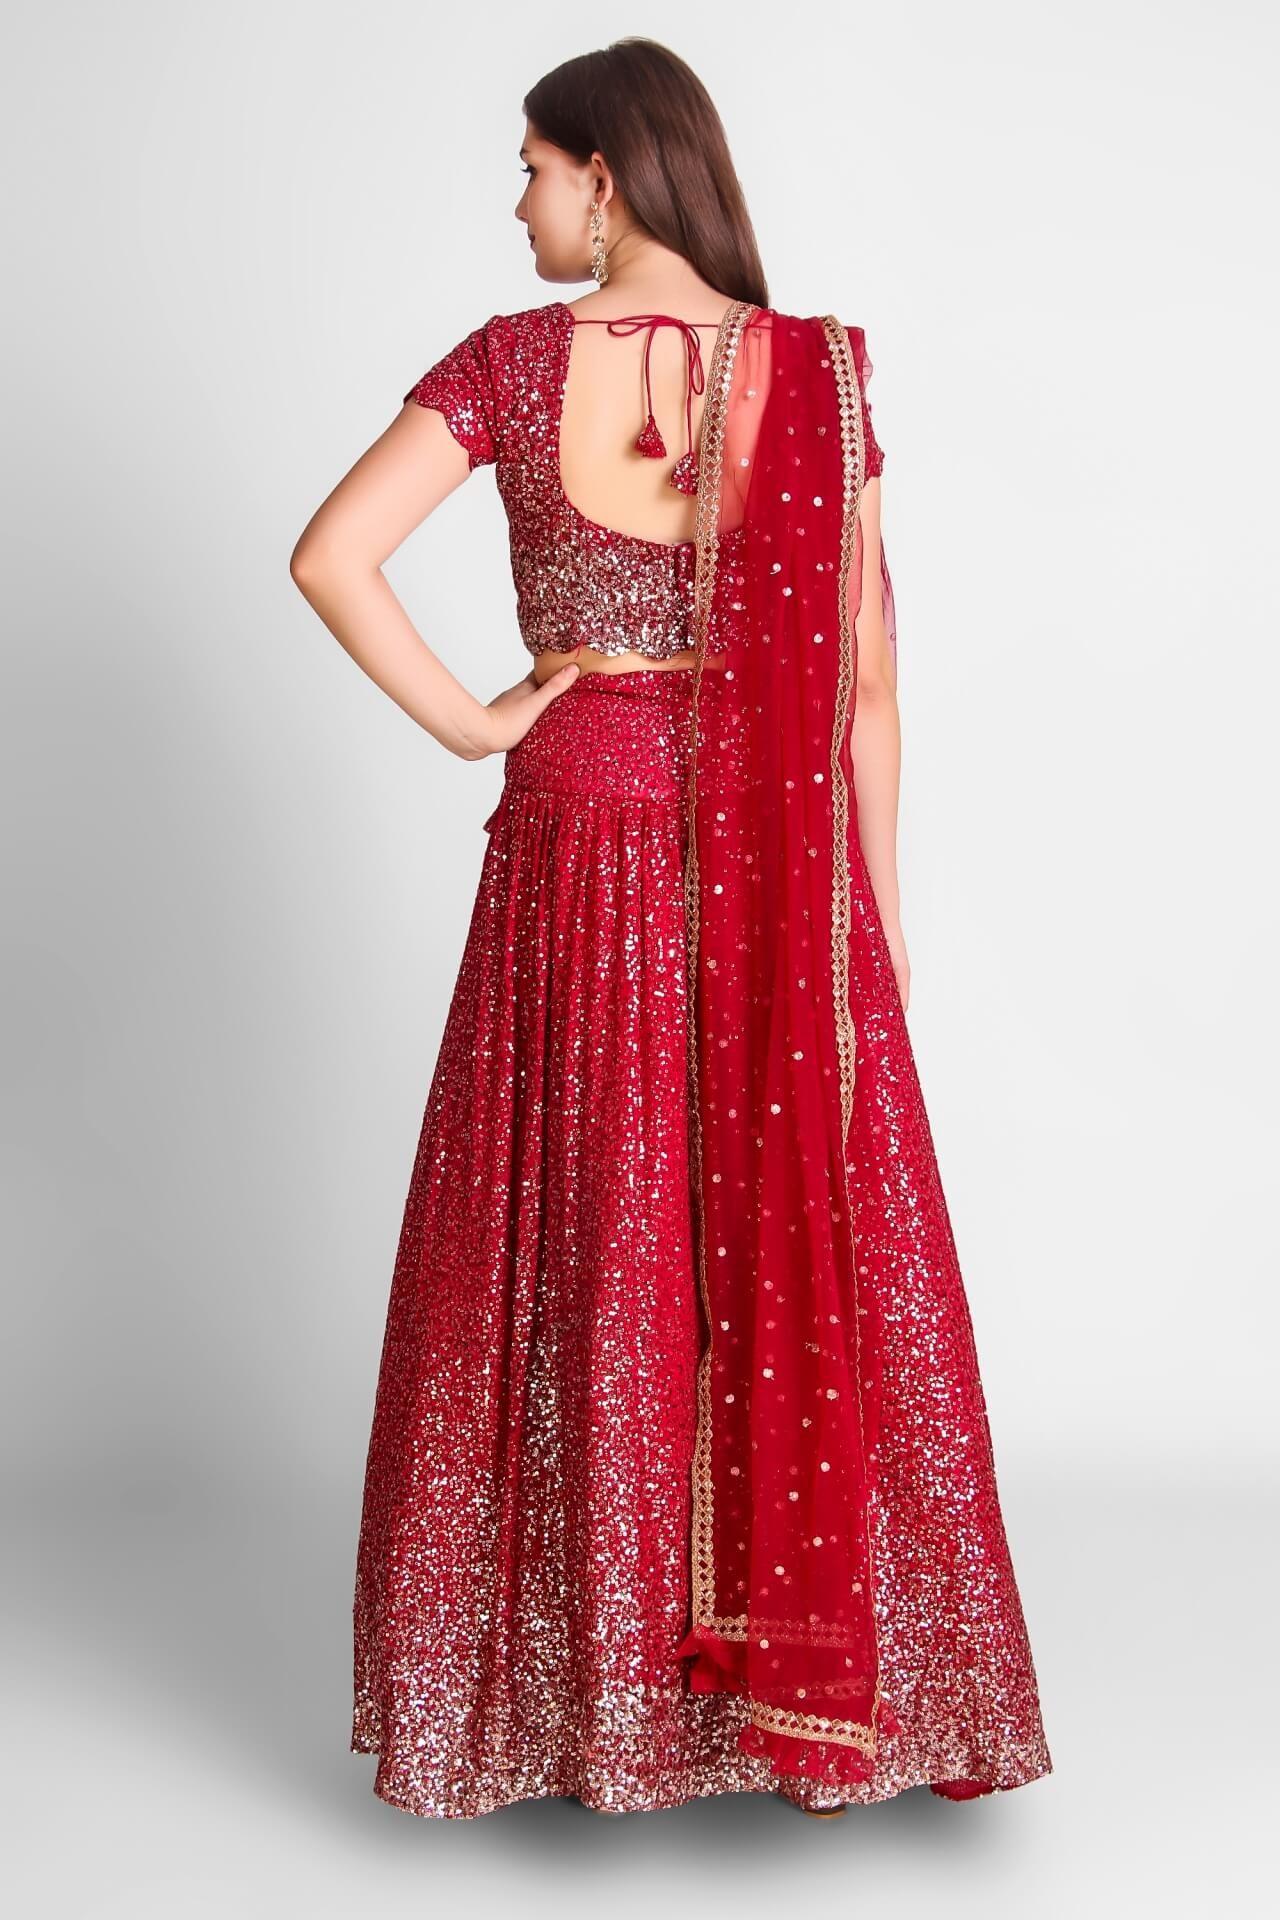 Crimson Red Sequins Georgette Lehenga